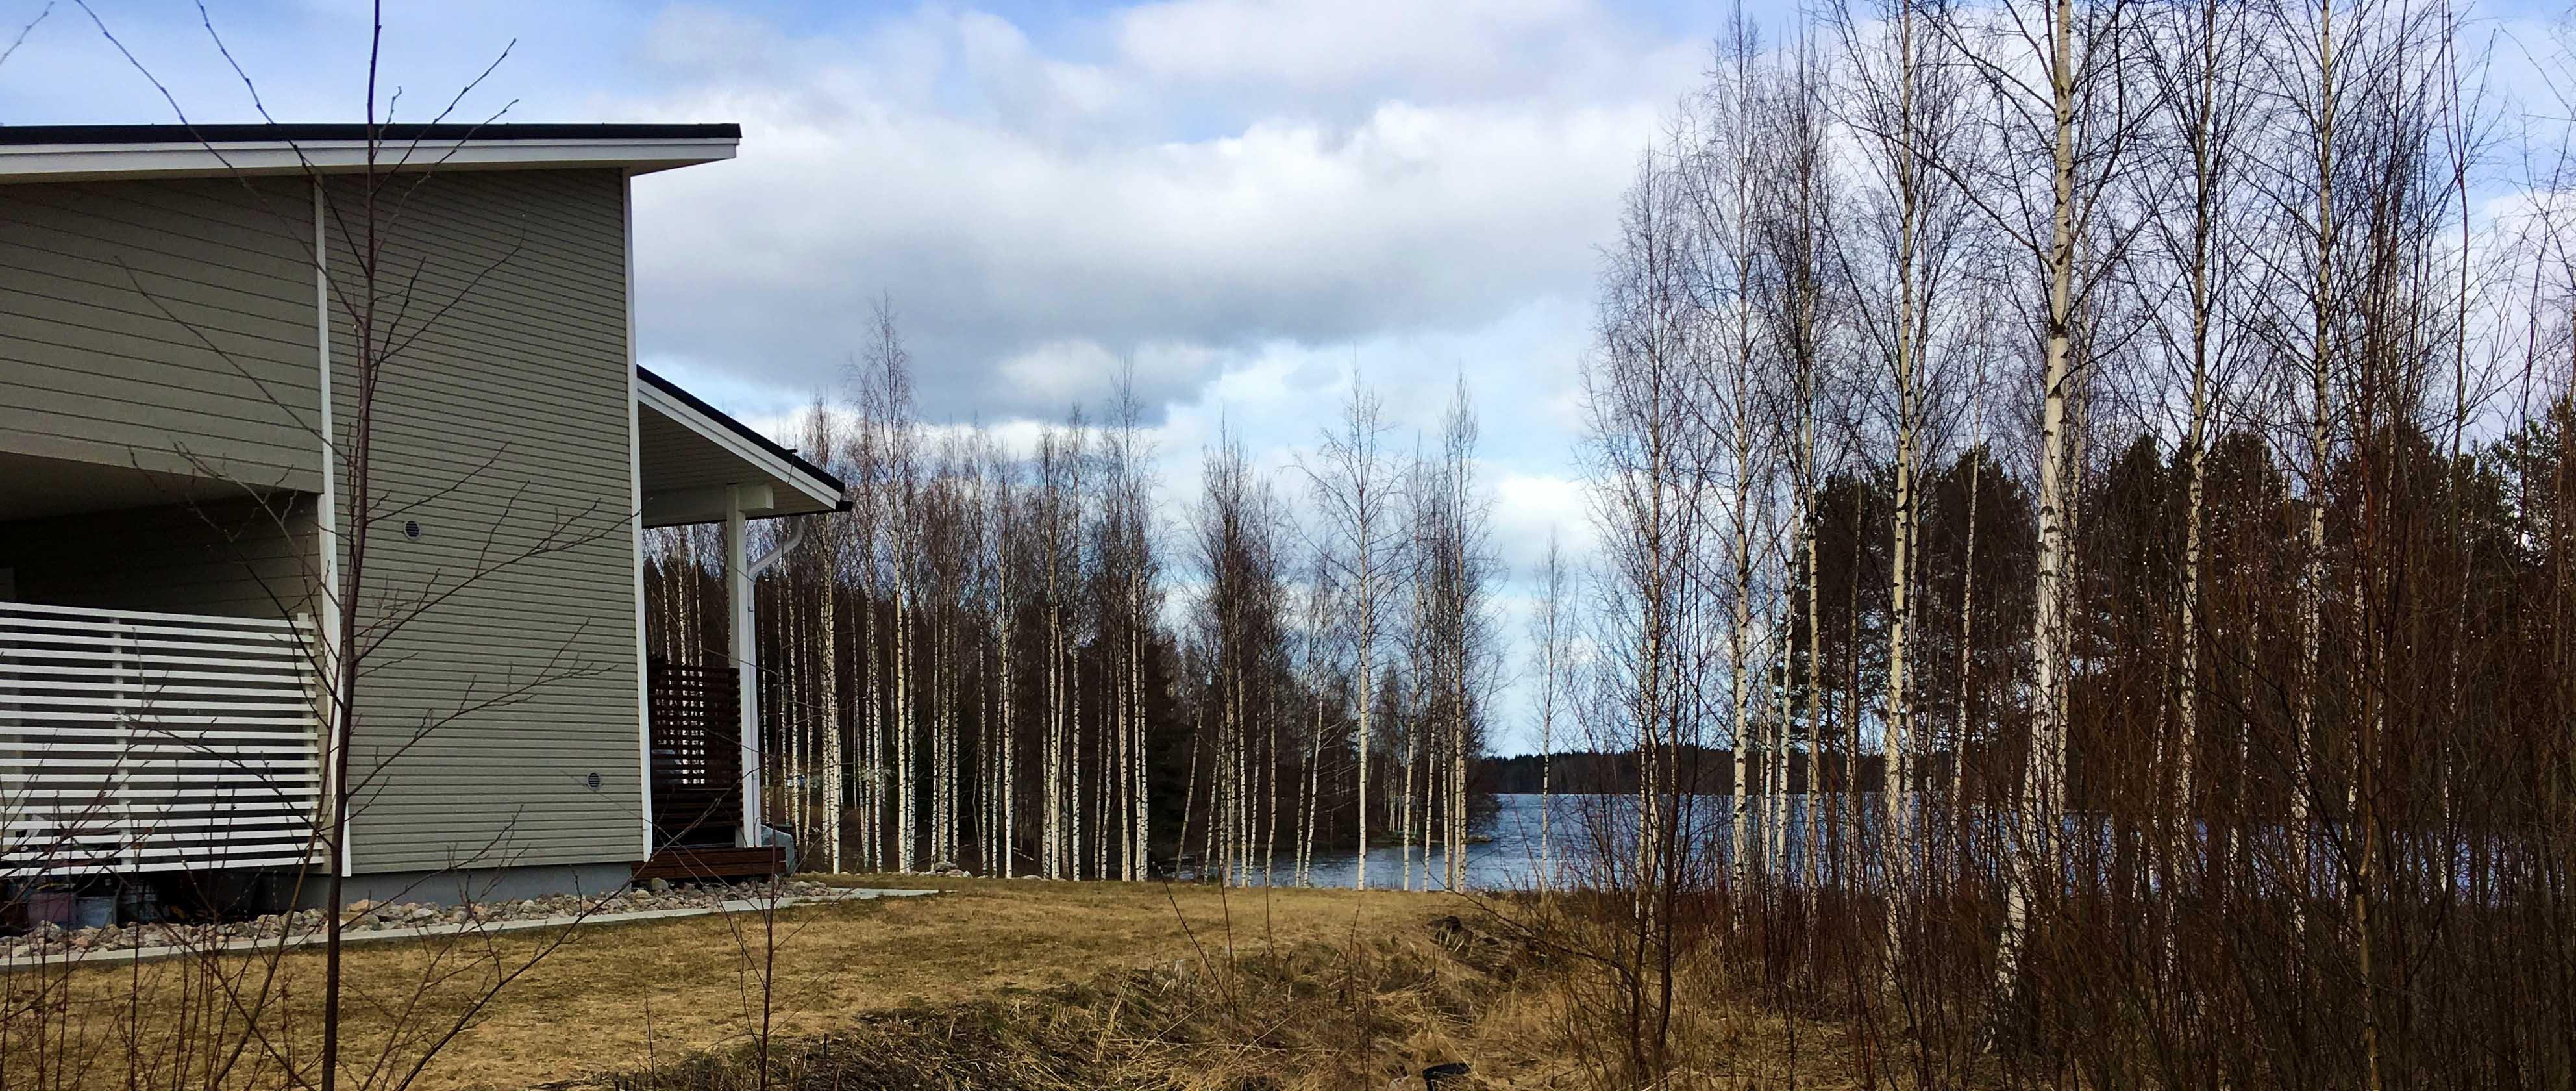 Kotiarkkitehdiltä-romakotitalon-rakennuslupa